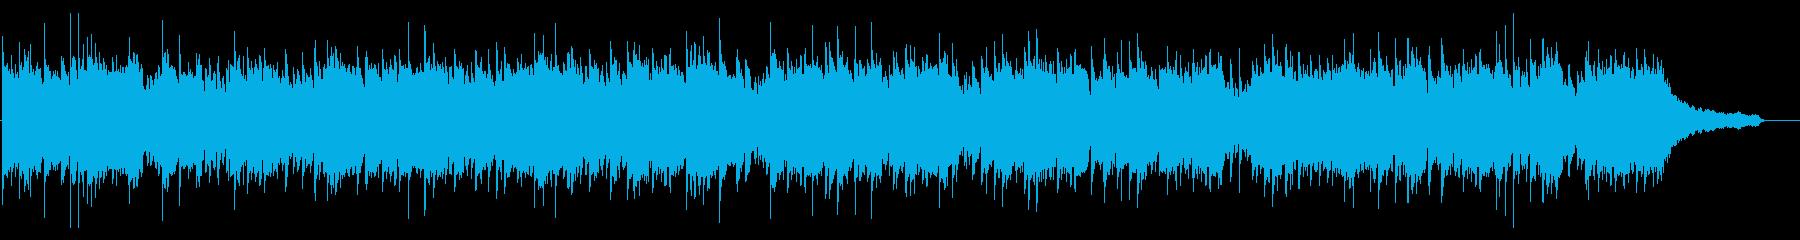 ピアノのシンプルな元気のでる作品の再生済みの波形